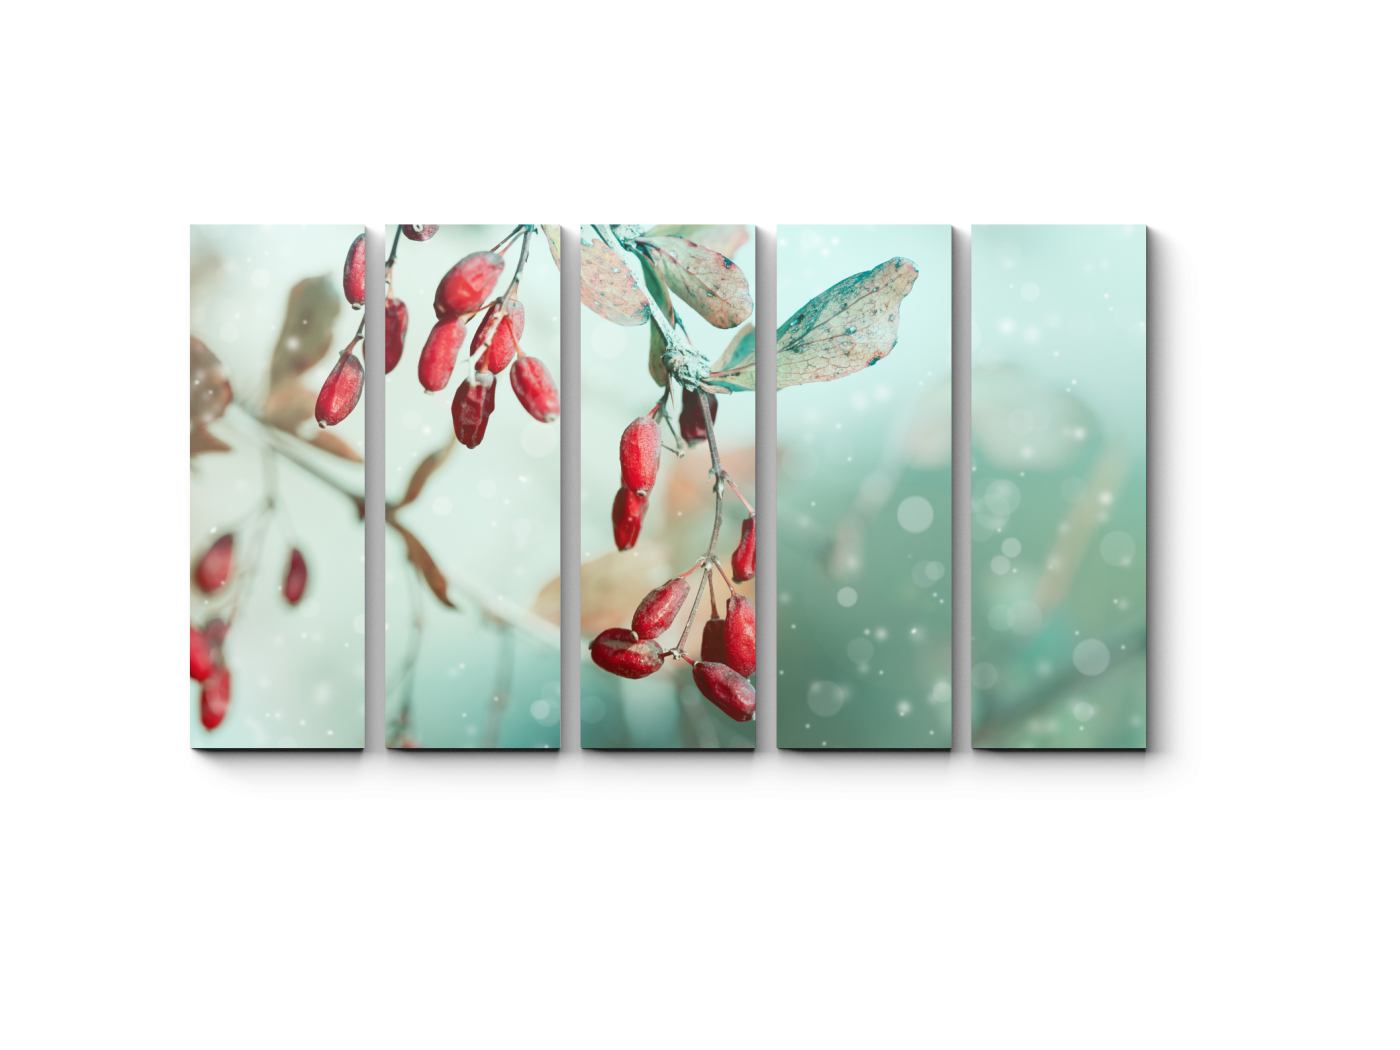 Модульная картина Красные ягоды, припорошенные снежком (90x54) фото